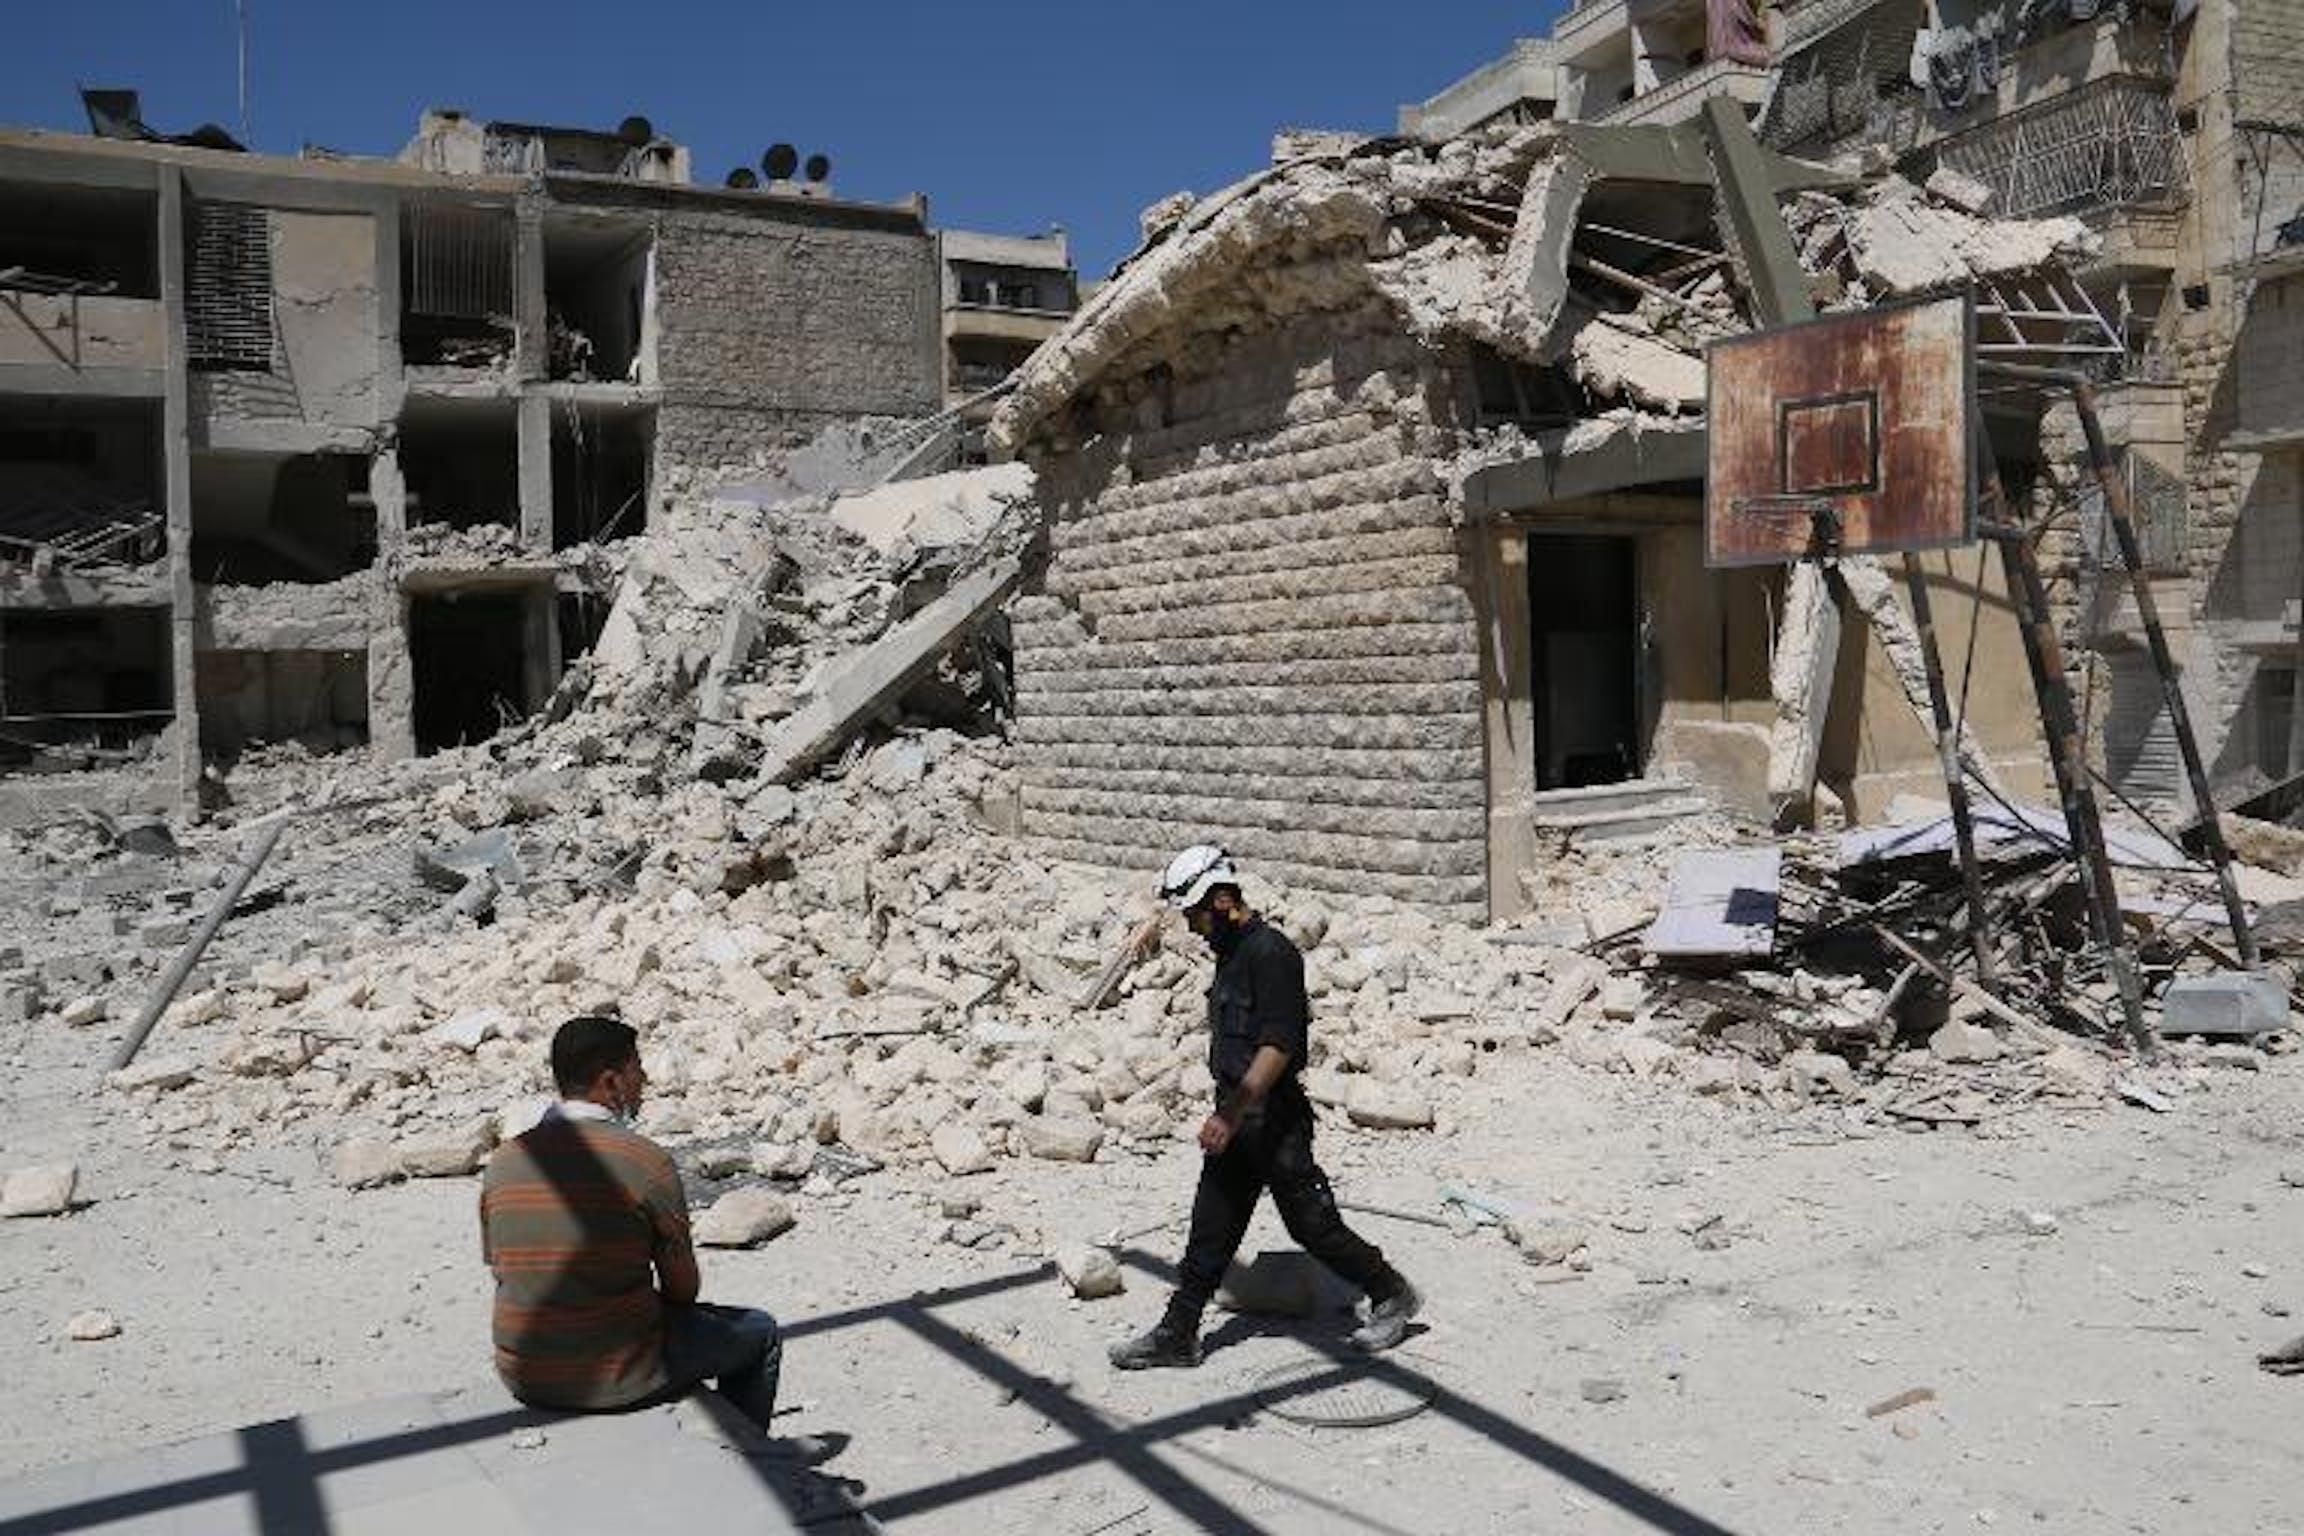 Le macerie della scuola Ain Jalout di Aleppo bombardata il 30 aprile 2014 - ©AFP Photo/Zein Al-Rifai